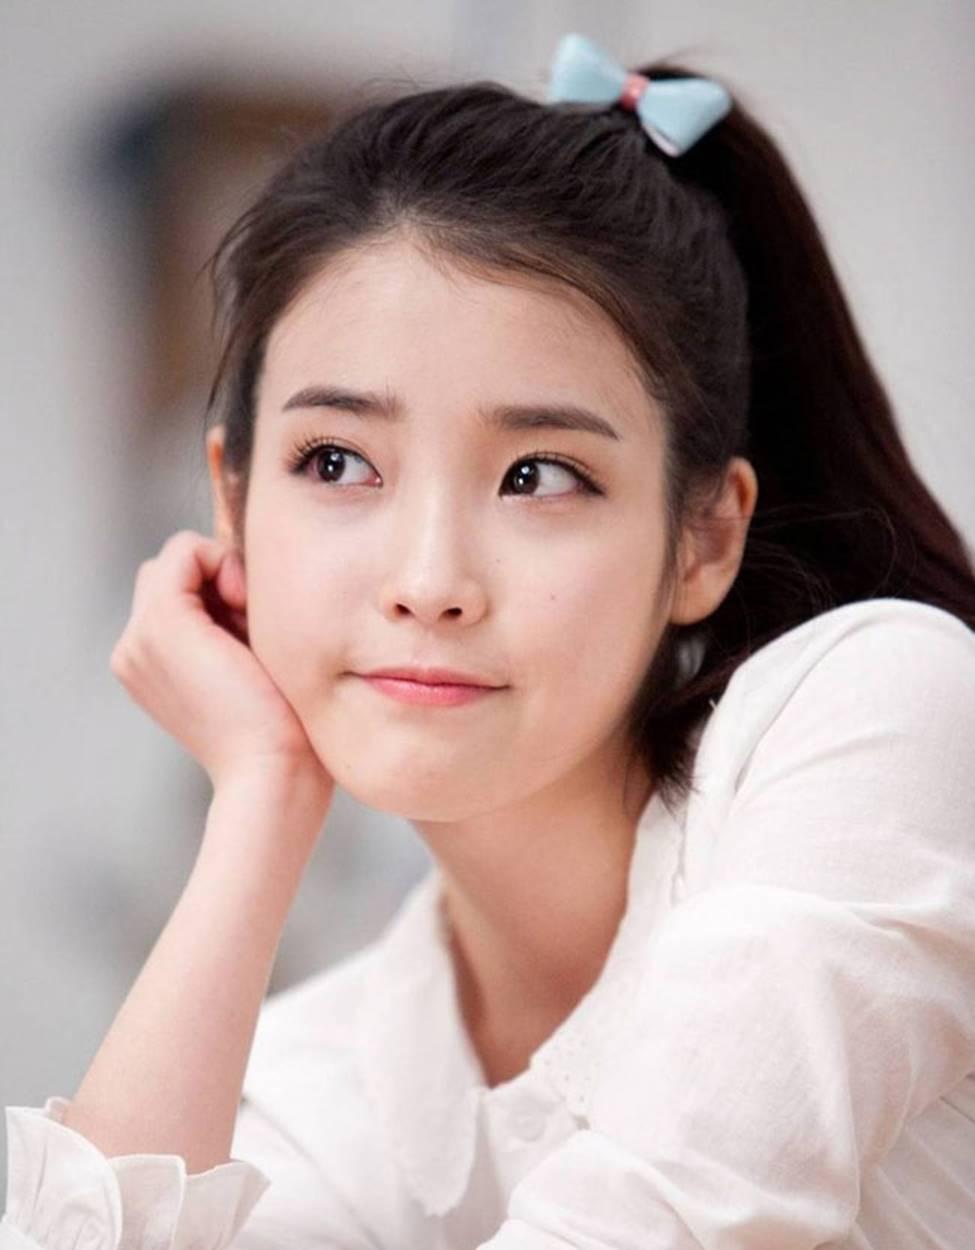 3 mỹ nhân đẹp - giỏi - giàu xứ Hàn làm gì để có dung nhan động lòng người?-15